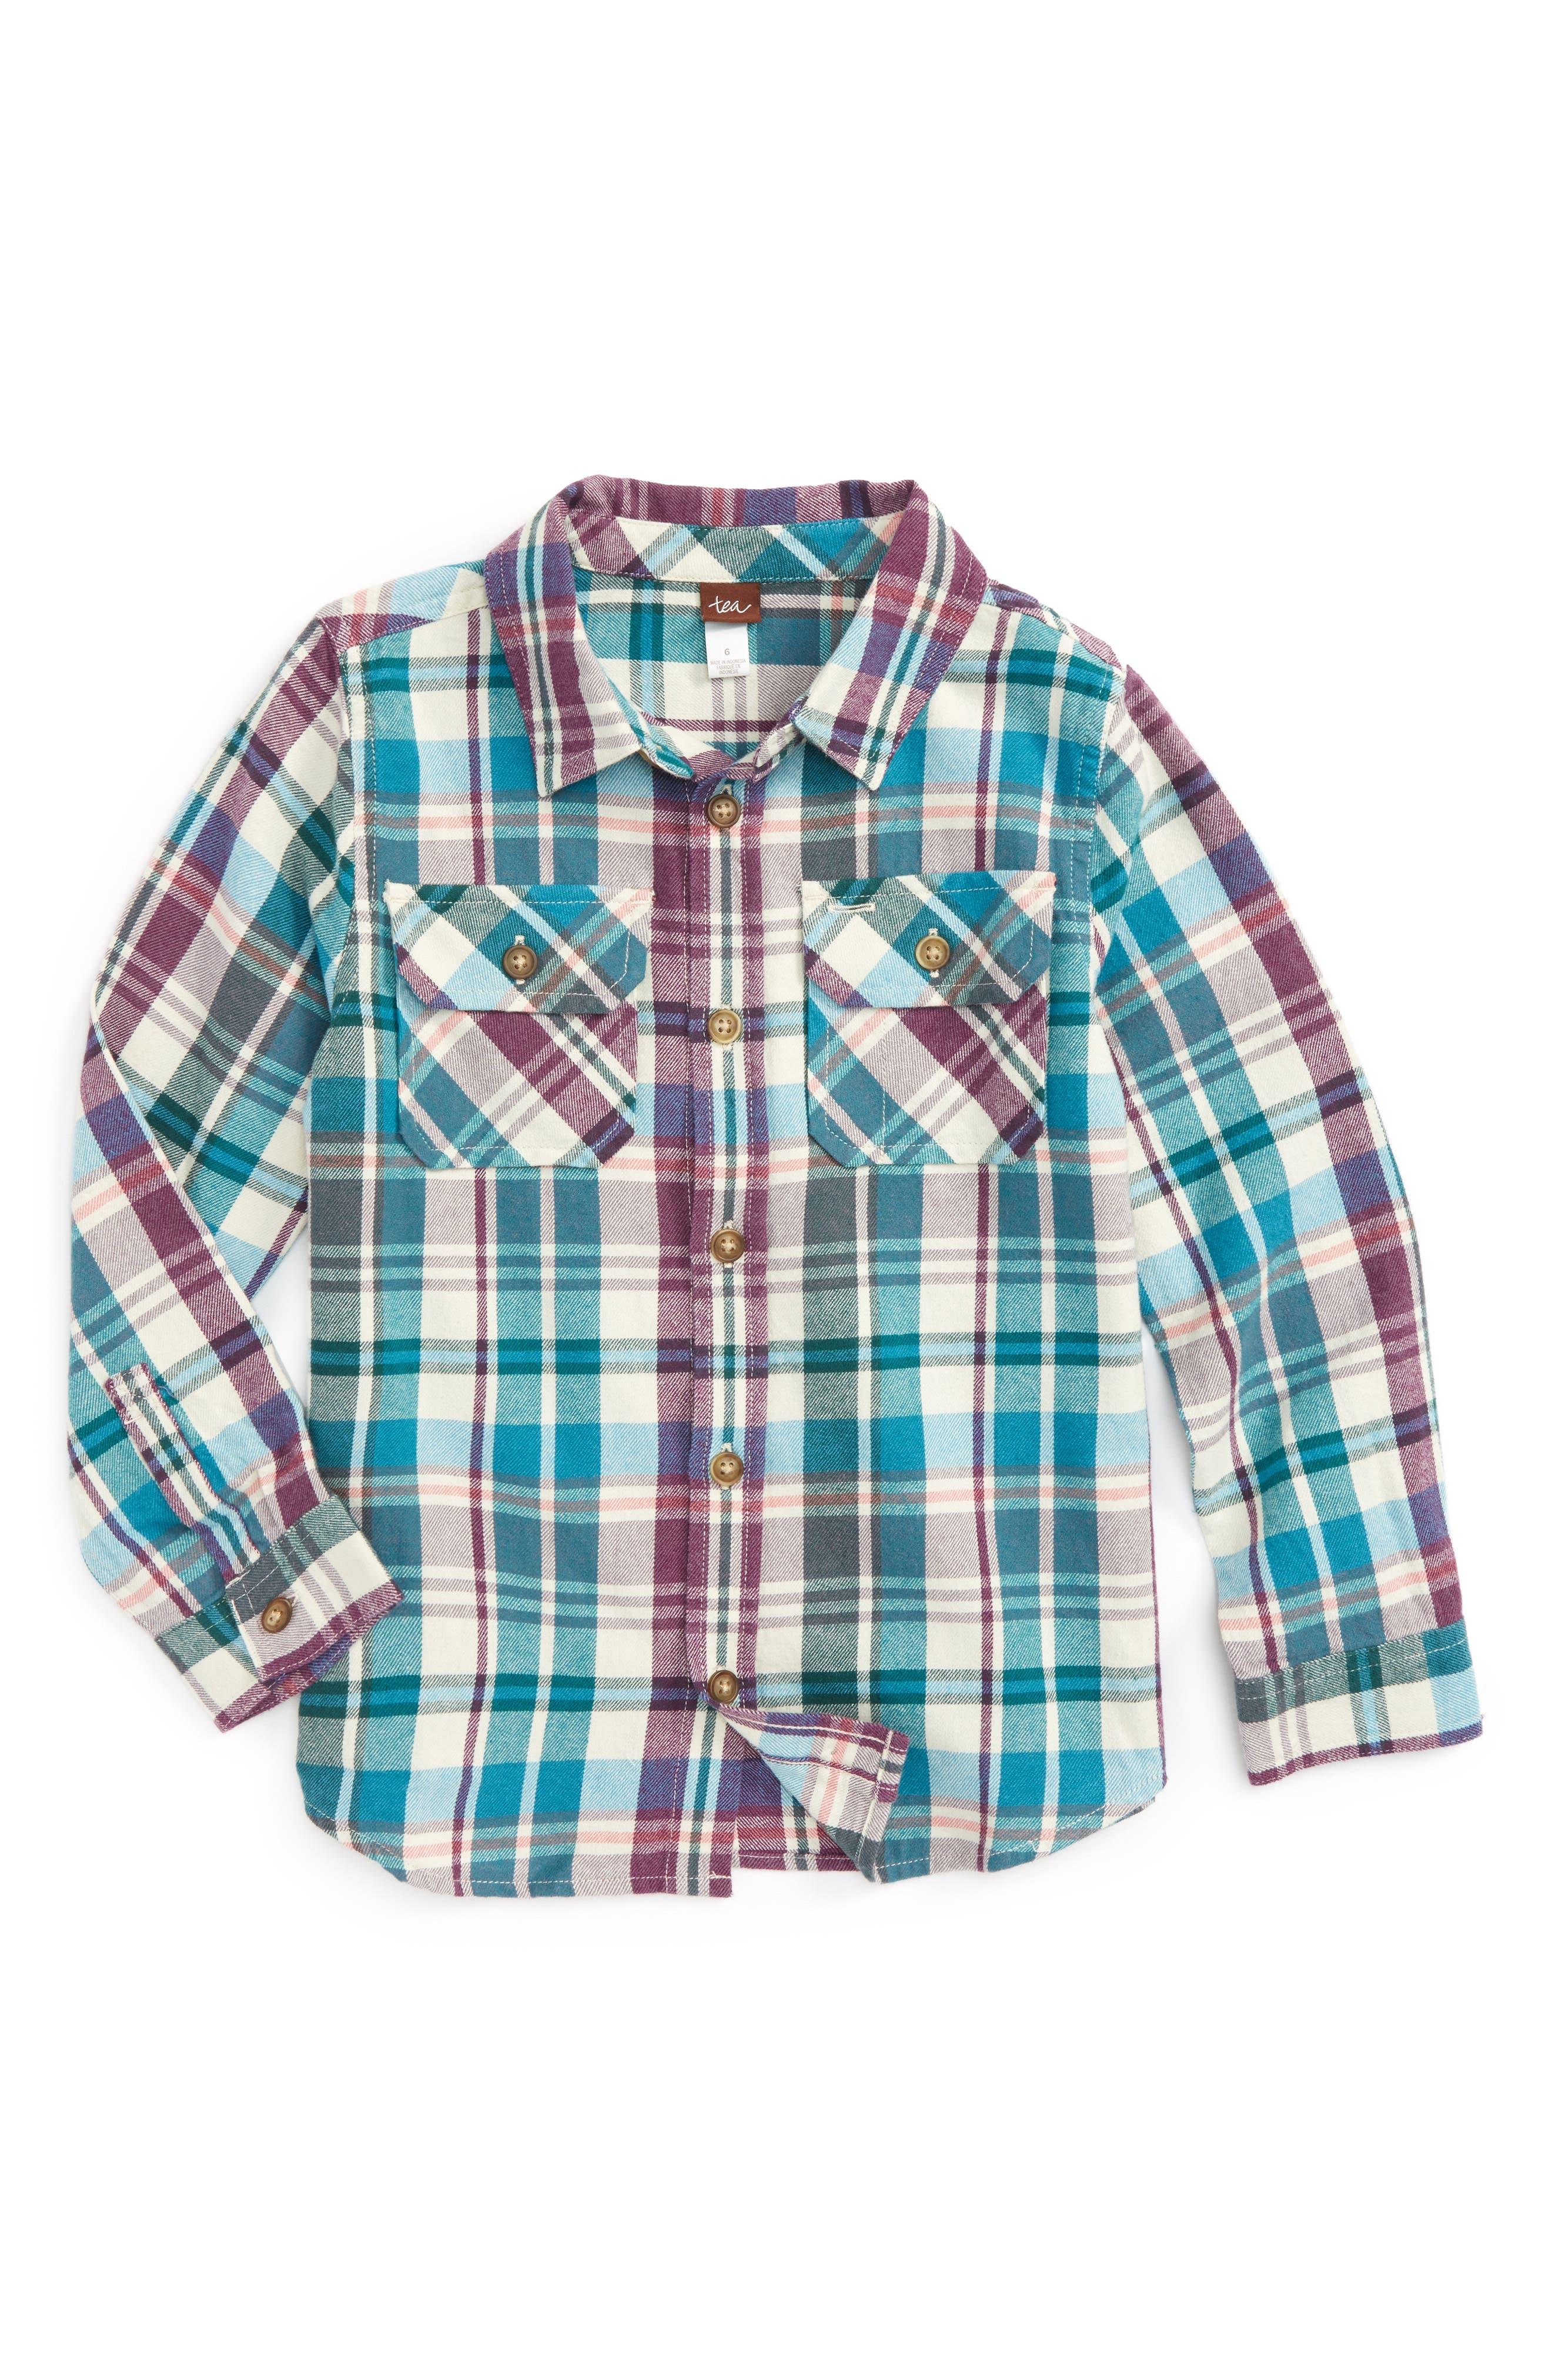 Beaufort Plaid Flannel Shirt,                             Main thumbnail 1, color,                             Creme